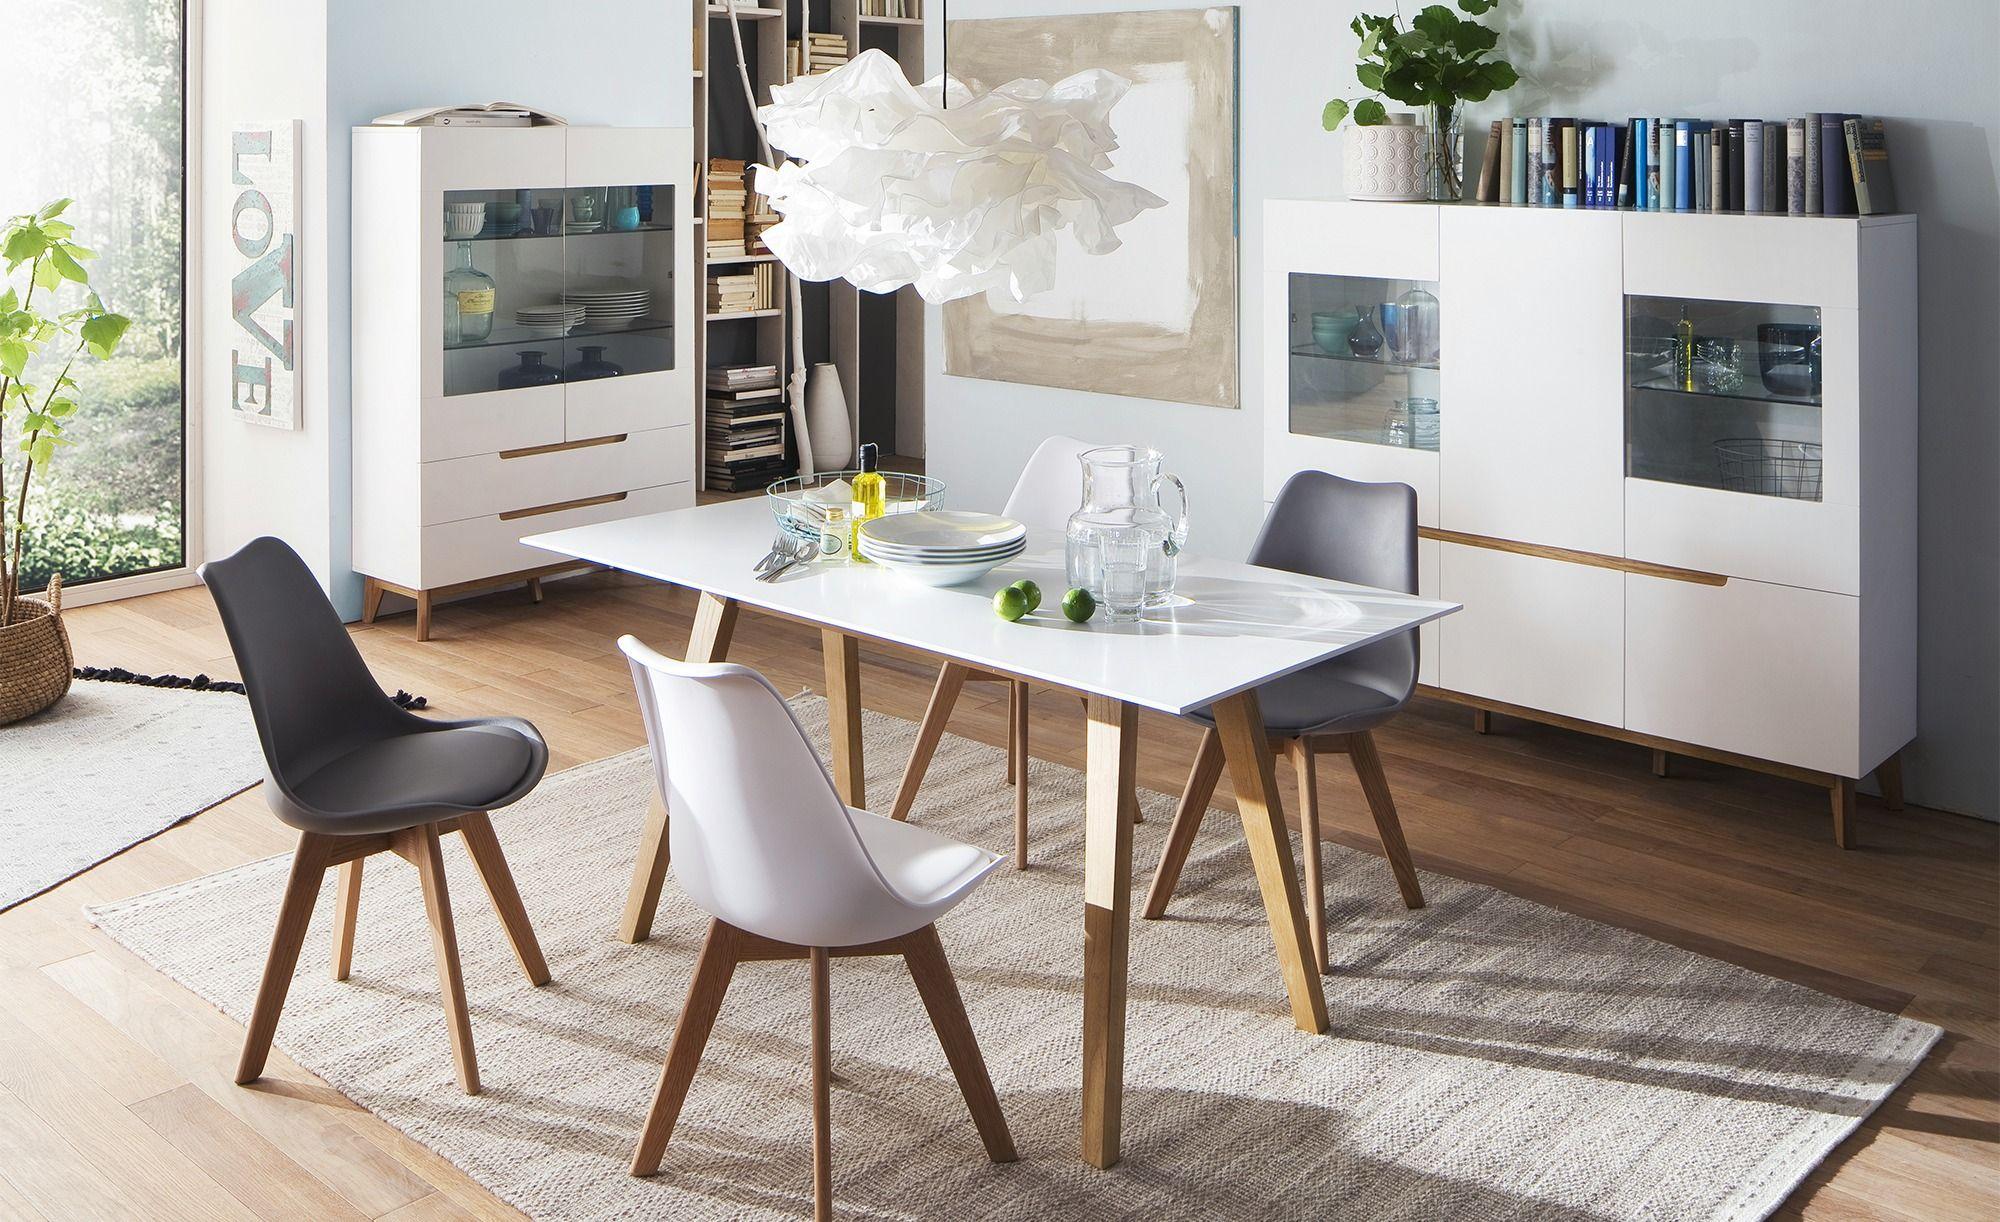 Vitrine Casoria Gefunden Bei Mobel Hoffner Haus Deko Glasboden Und Grosse Schubladen